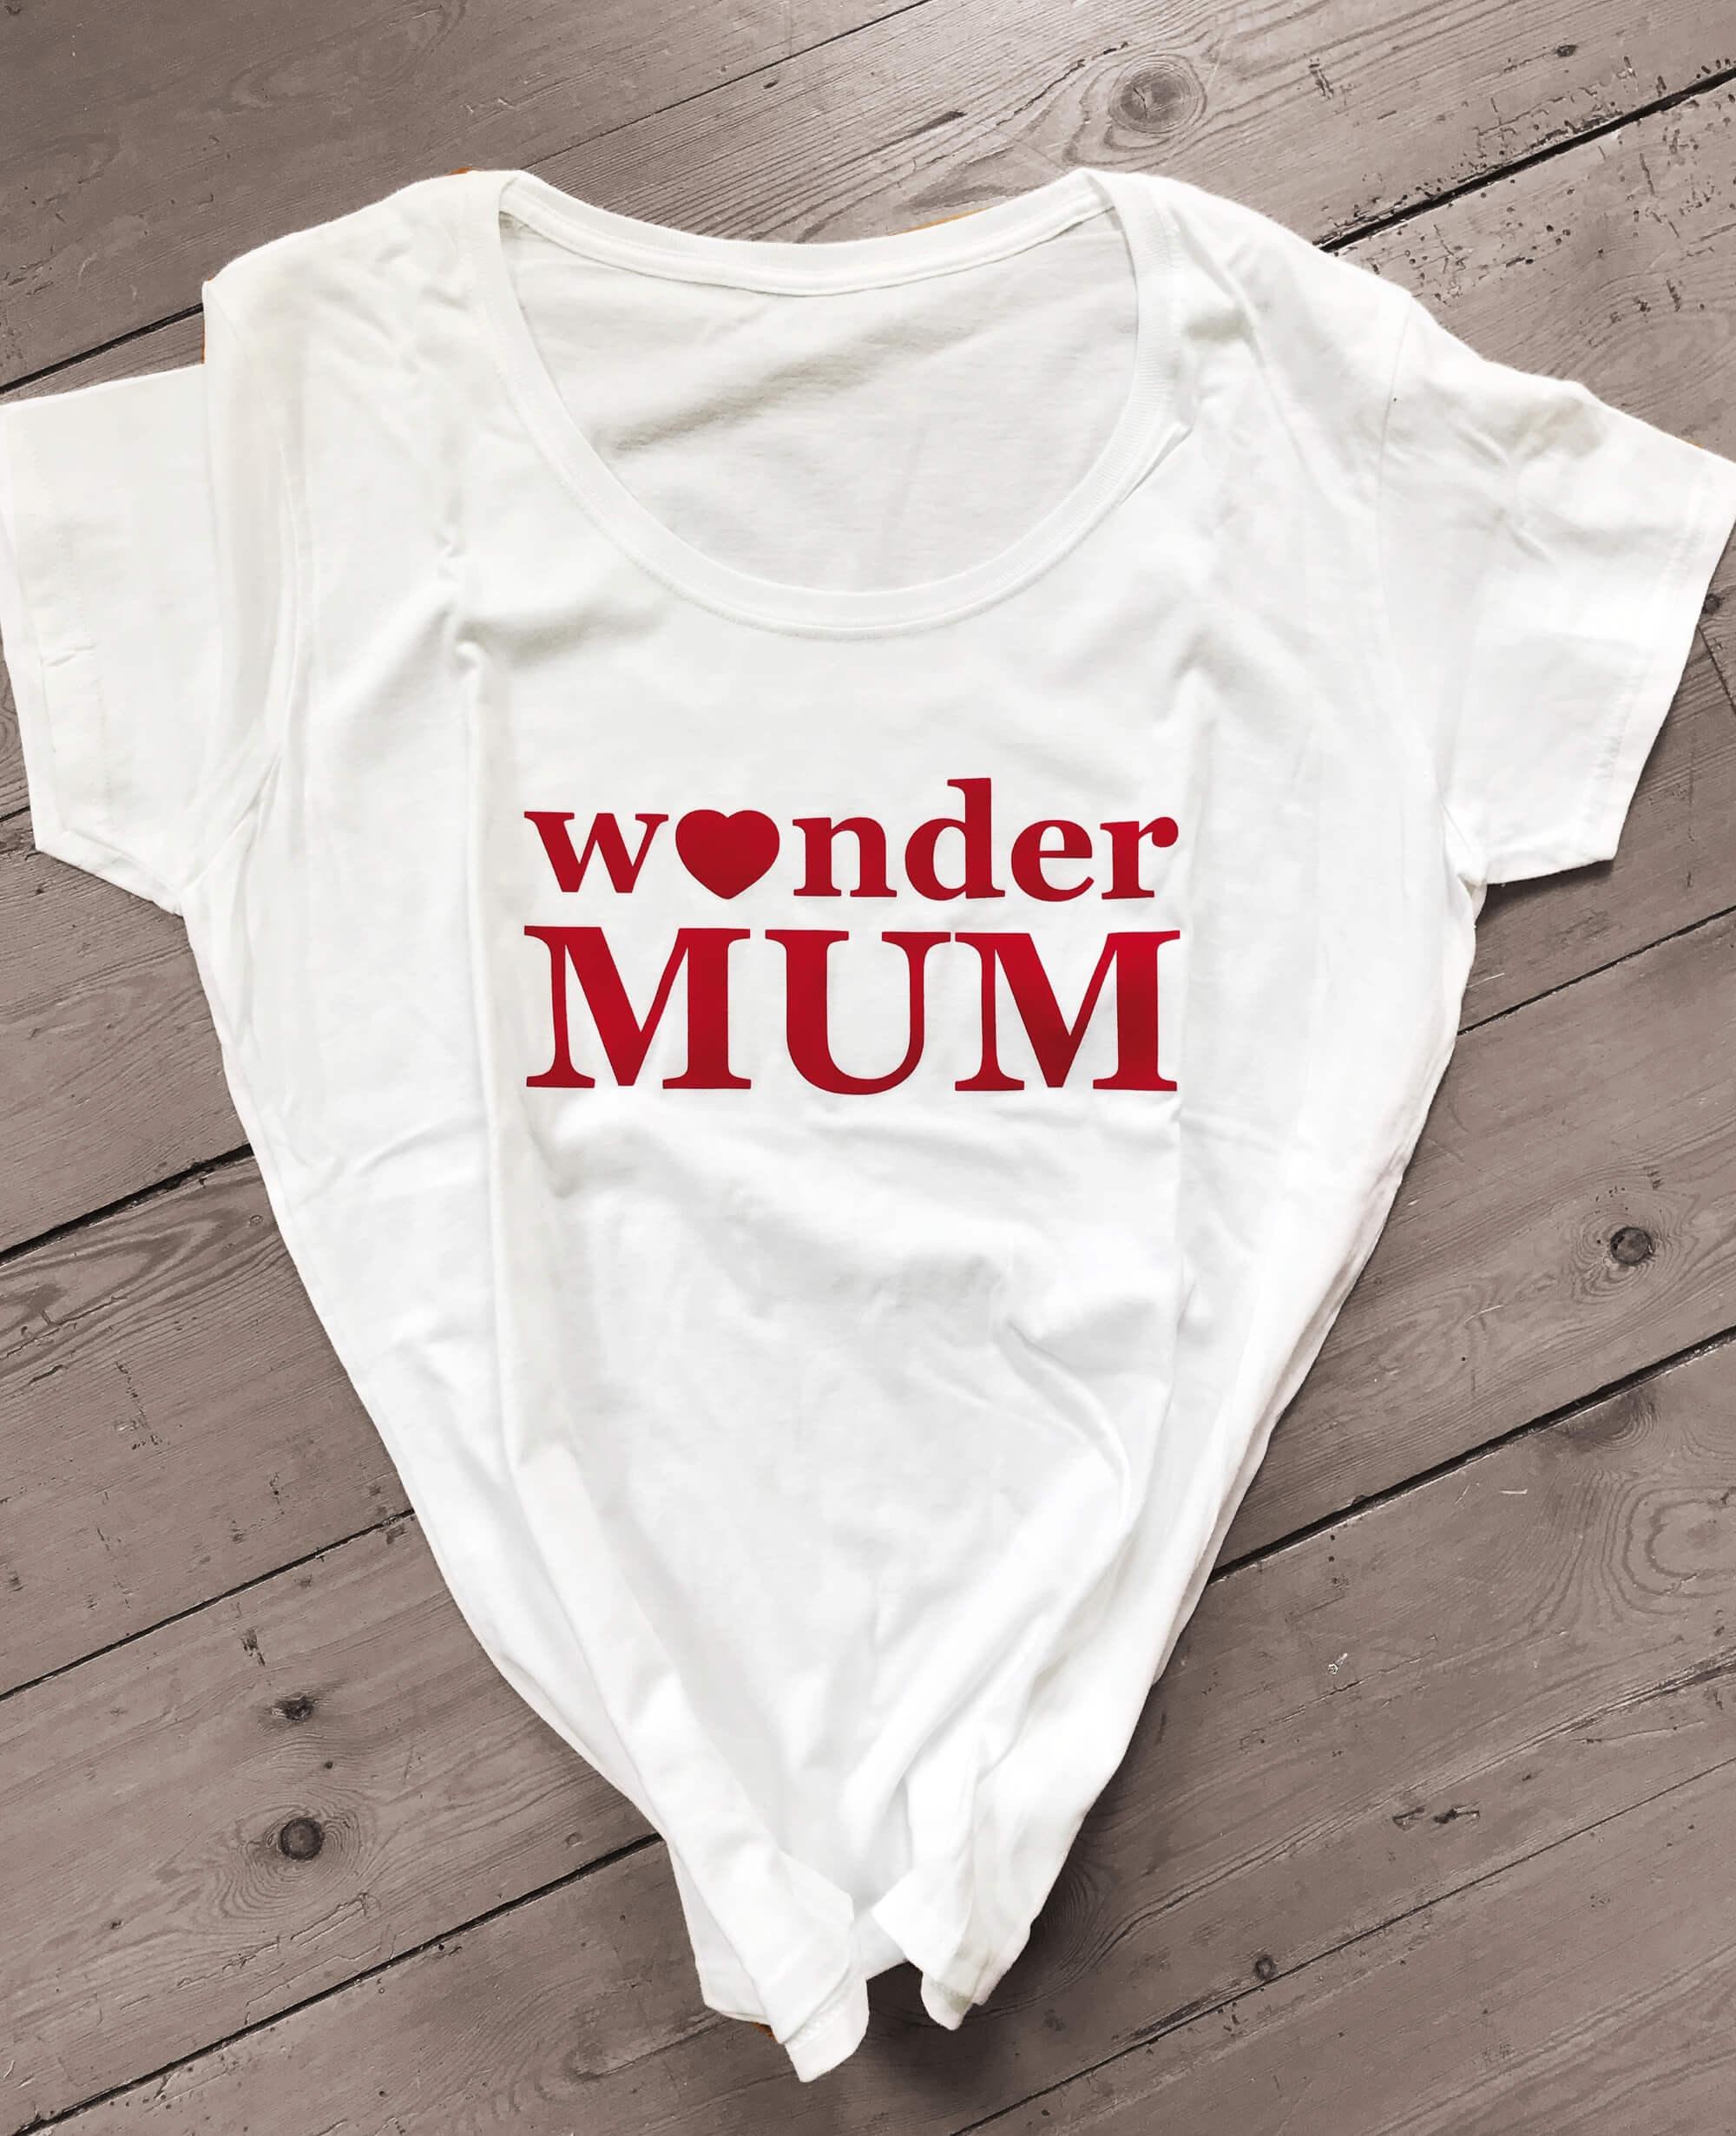 wonder mum shirt